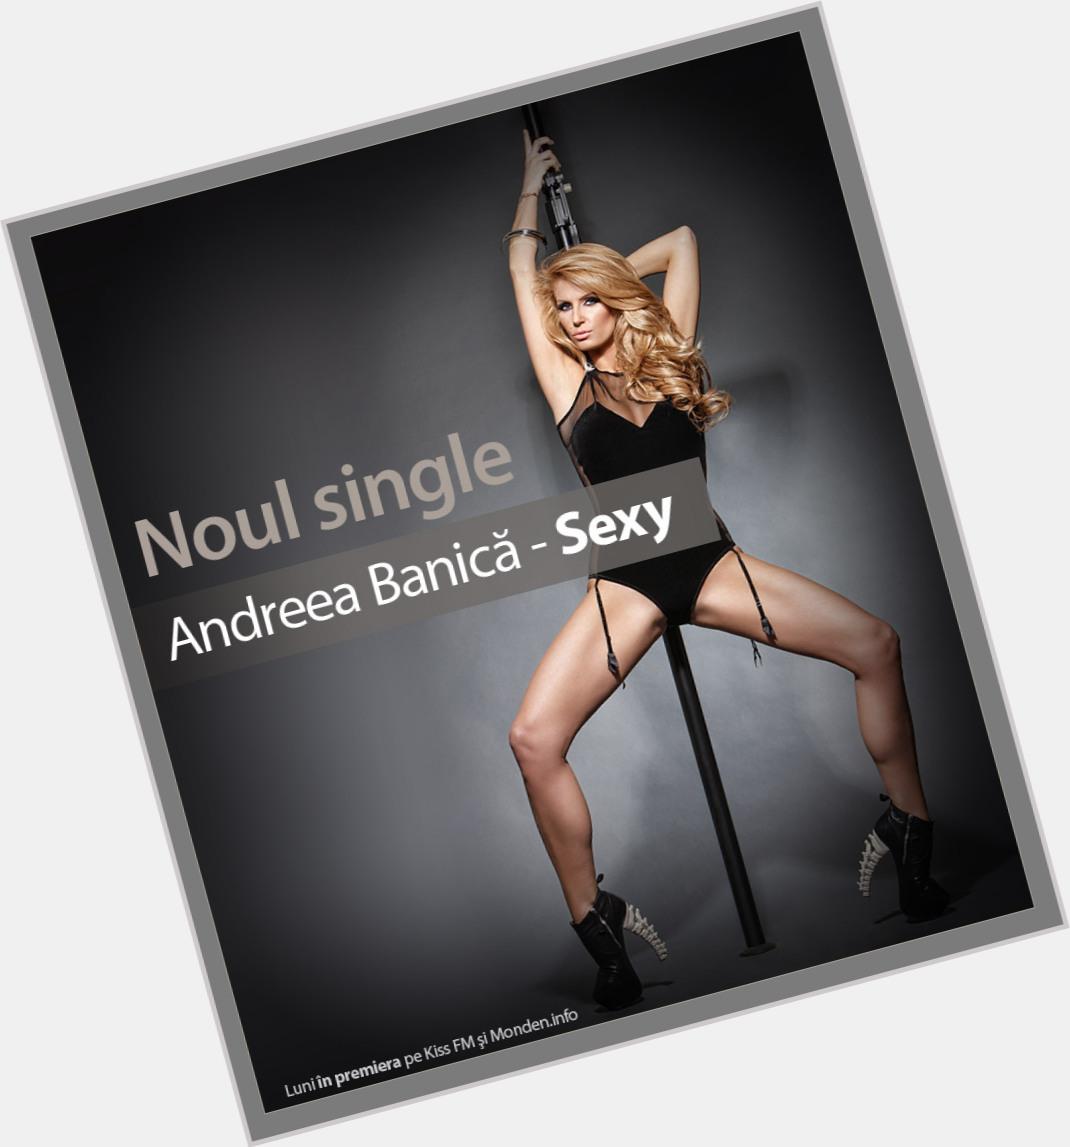 banica women Andreea banica love in brasil hd i don't own this andreea banica-love in brasil, аудио-визуално съдържание.